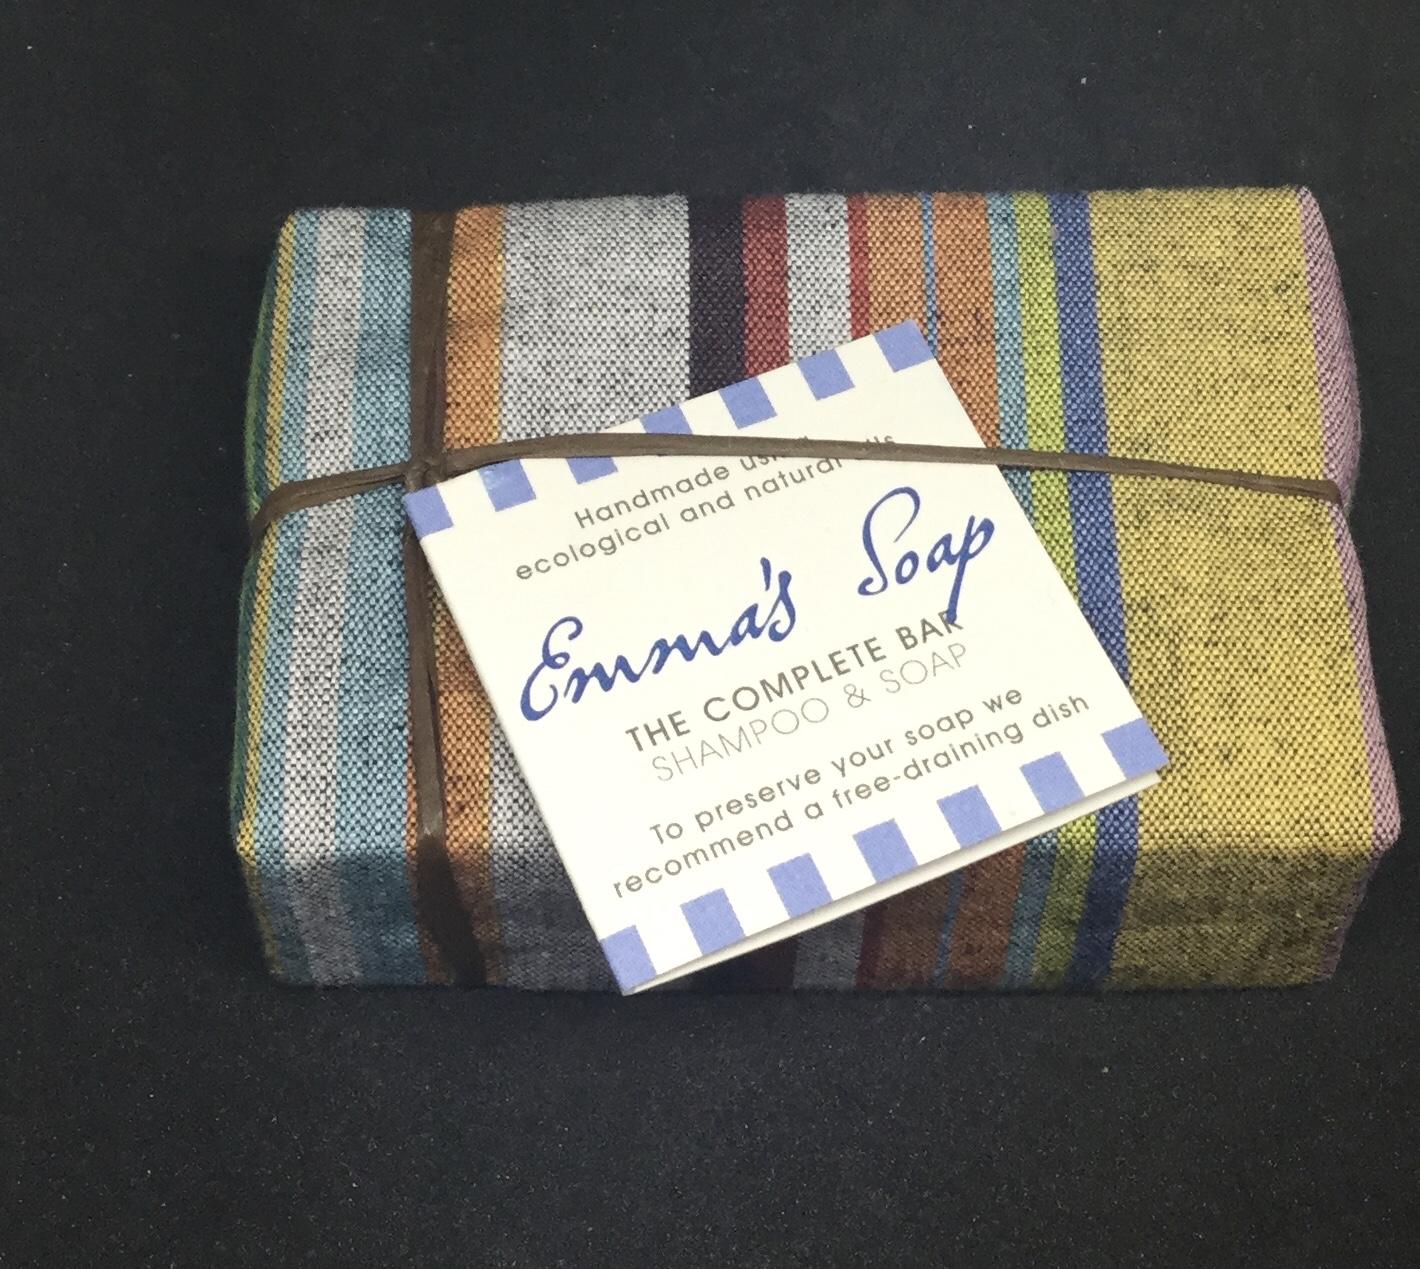 Emma's Shampoo and soap bar